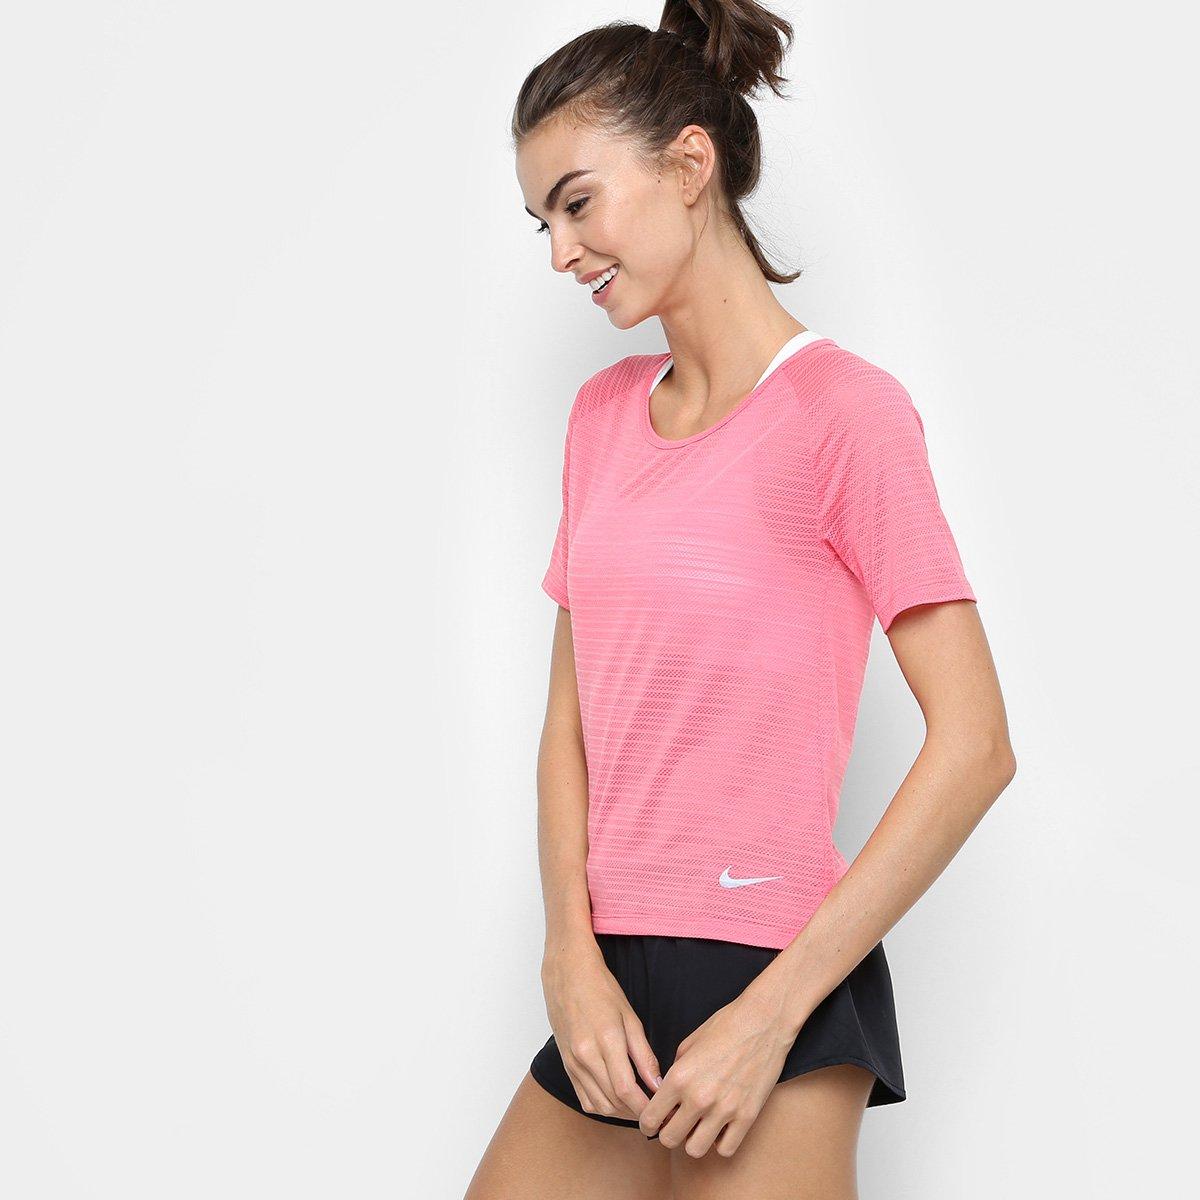 Rosa Rosa SS Feminina Nike Camiseta Feminina Miler Camiseta SS Nike Breathe Miler Breathe 1dwT77q